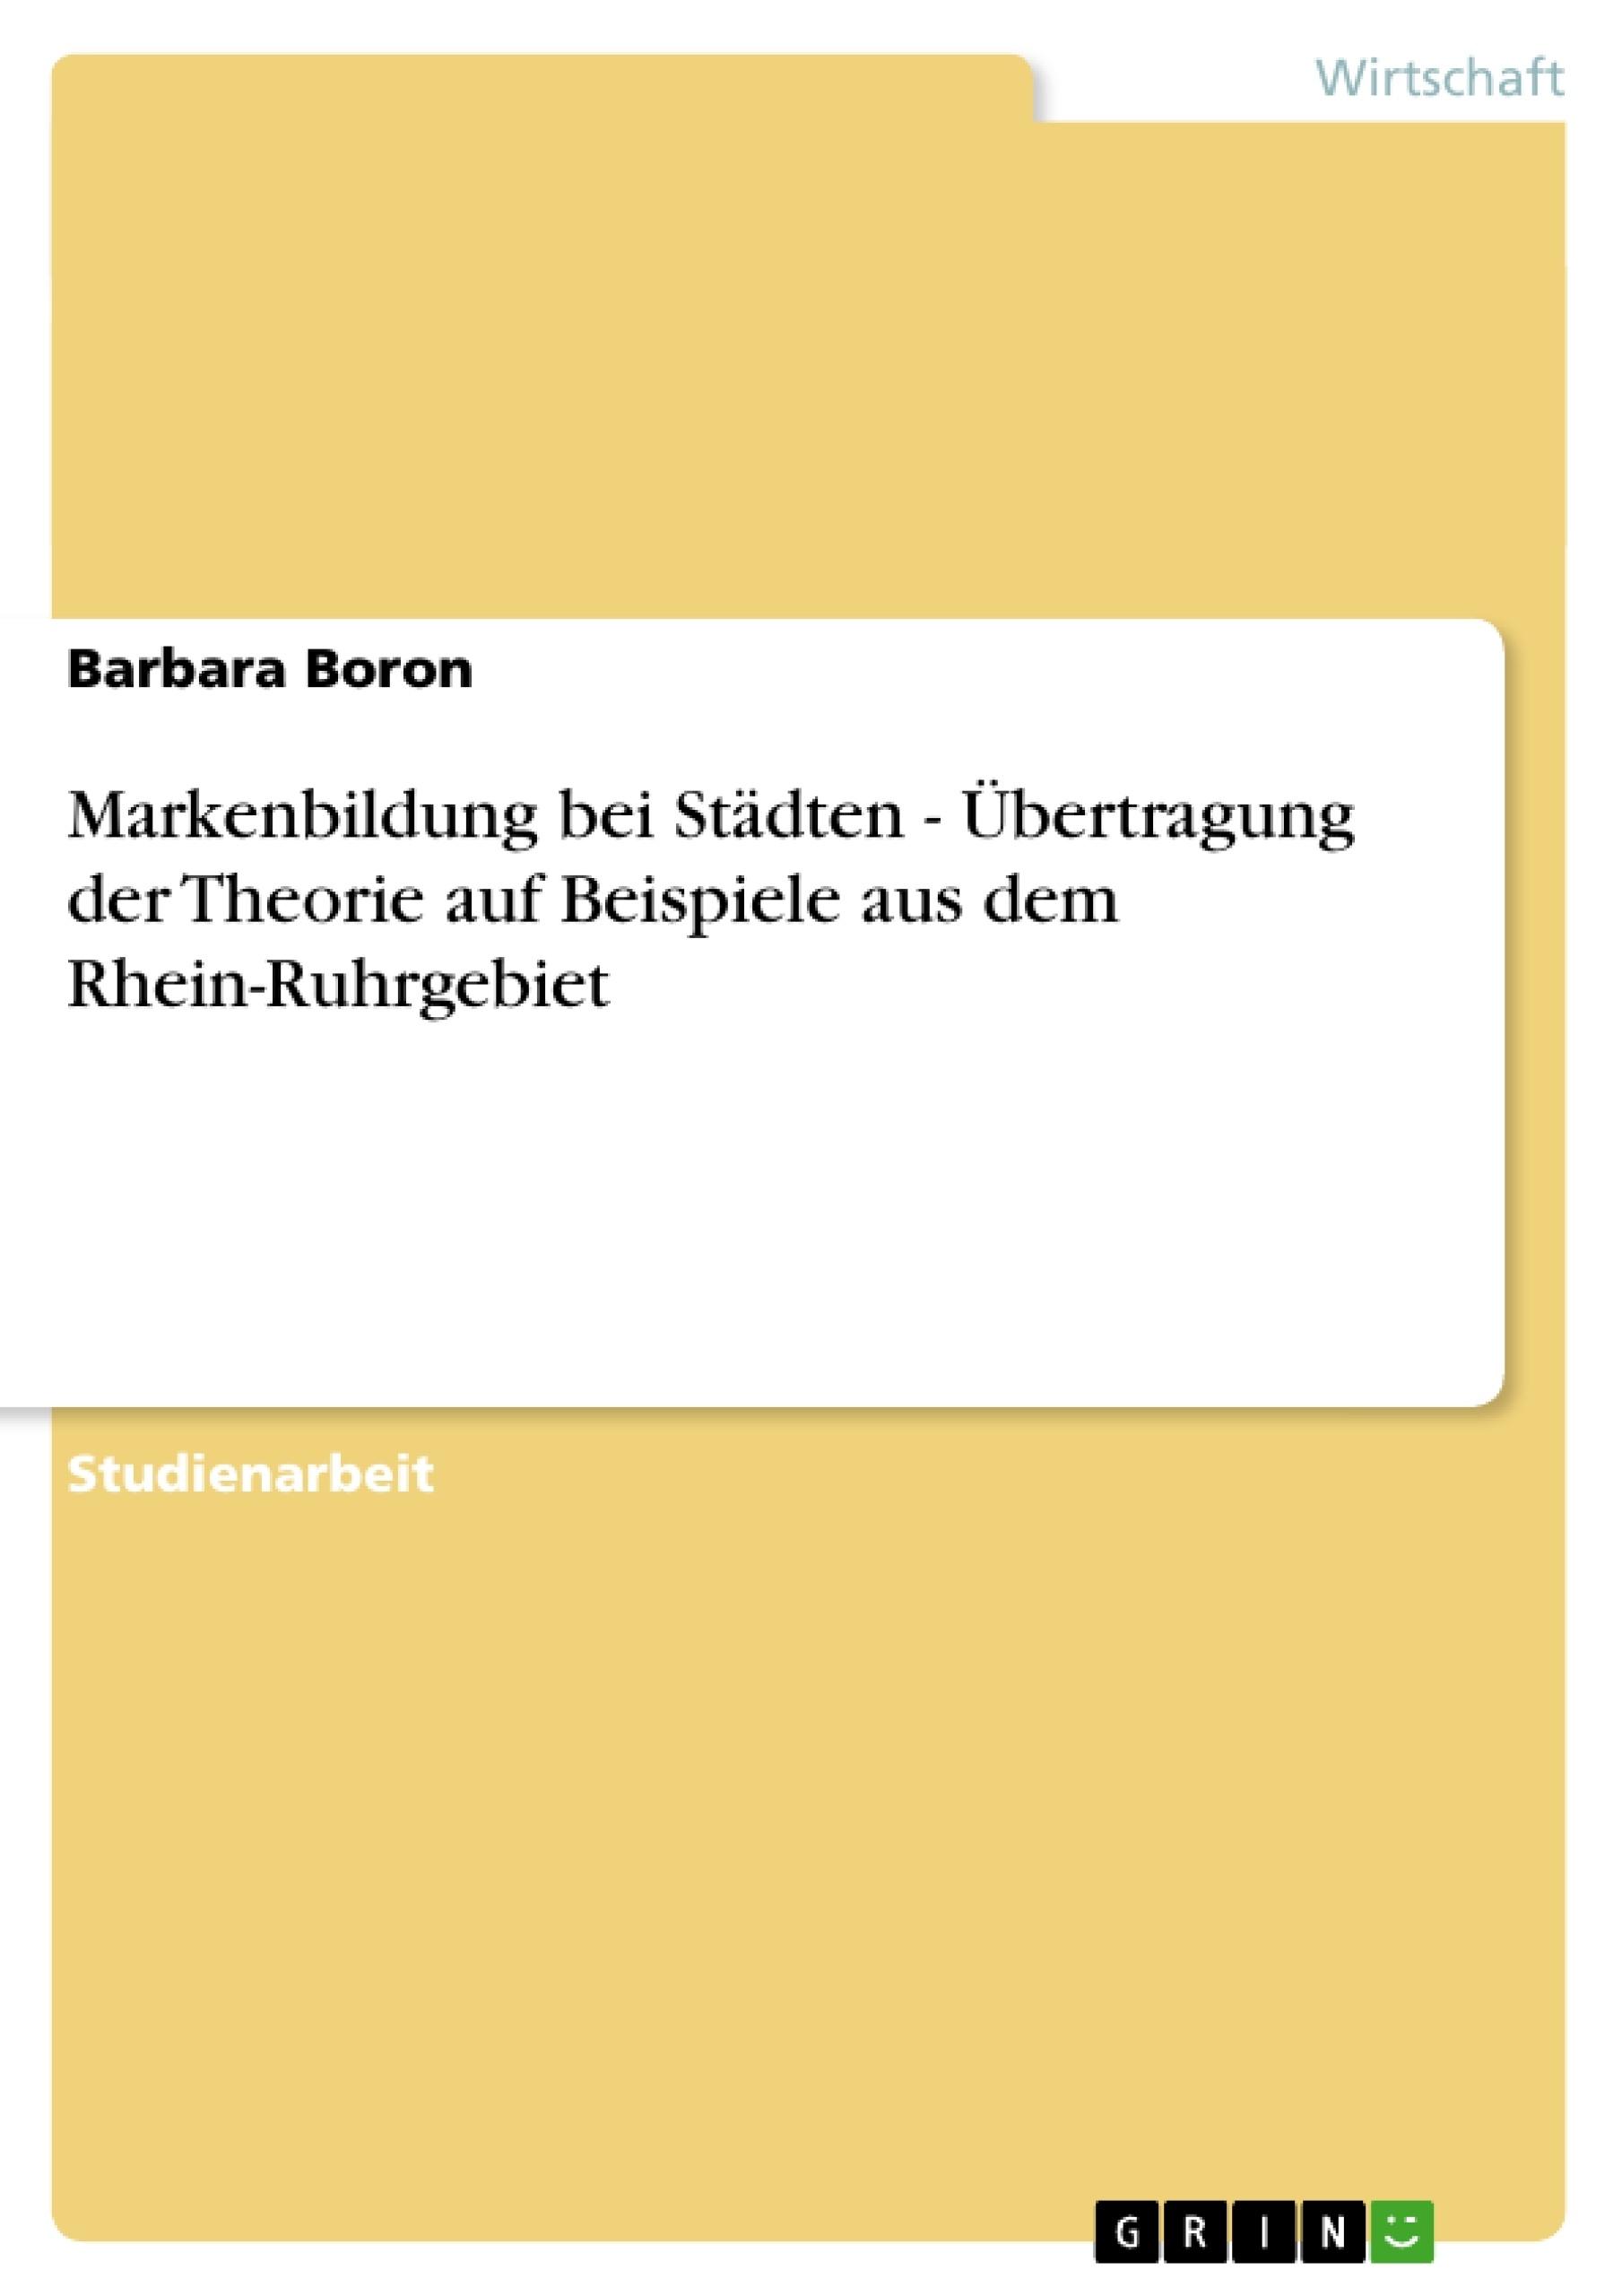 Titel: Markenbildung bei Städten - Übertragung der Theorie auf Beispiele aus dem Rhein-Ruhrgebiet